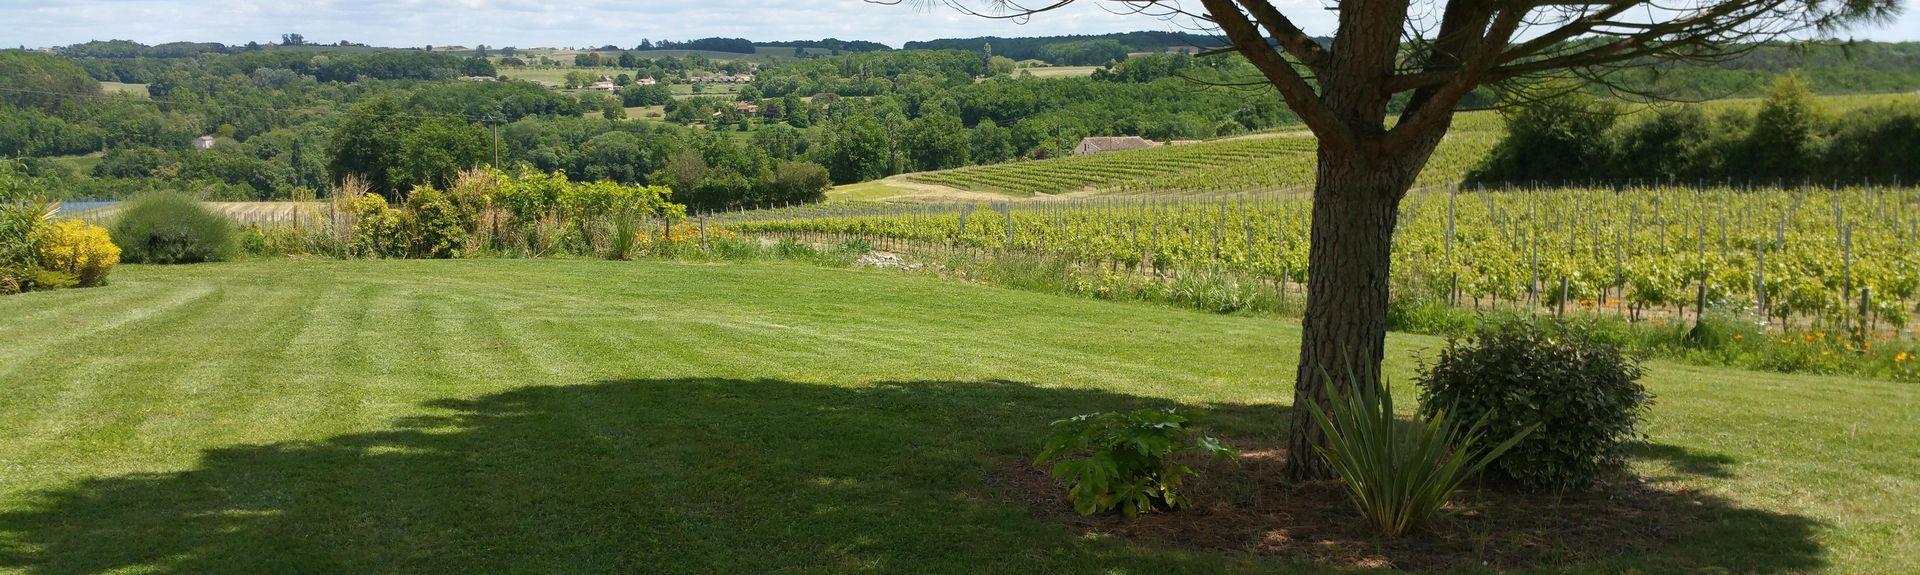 Fraisse, Dordogne, France